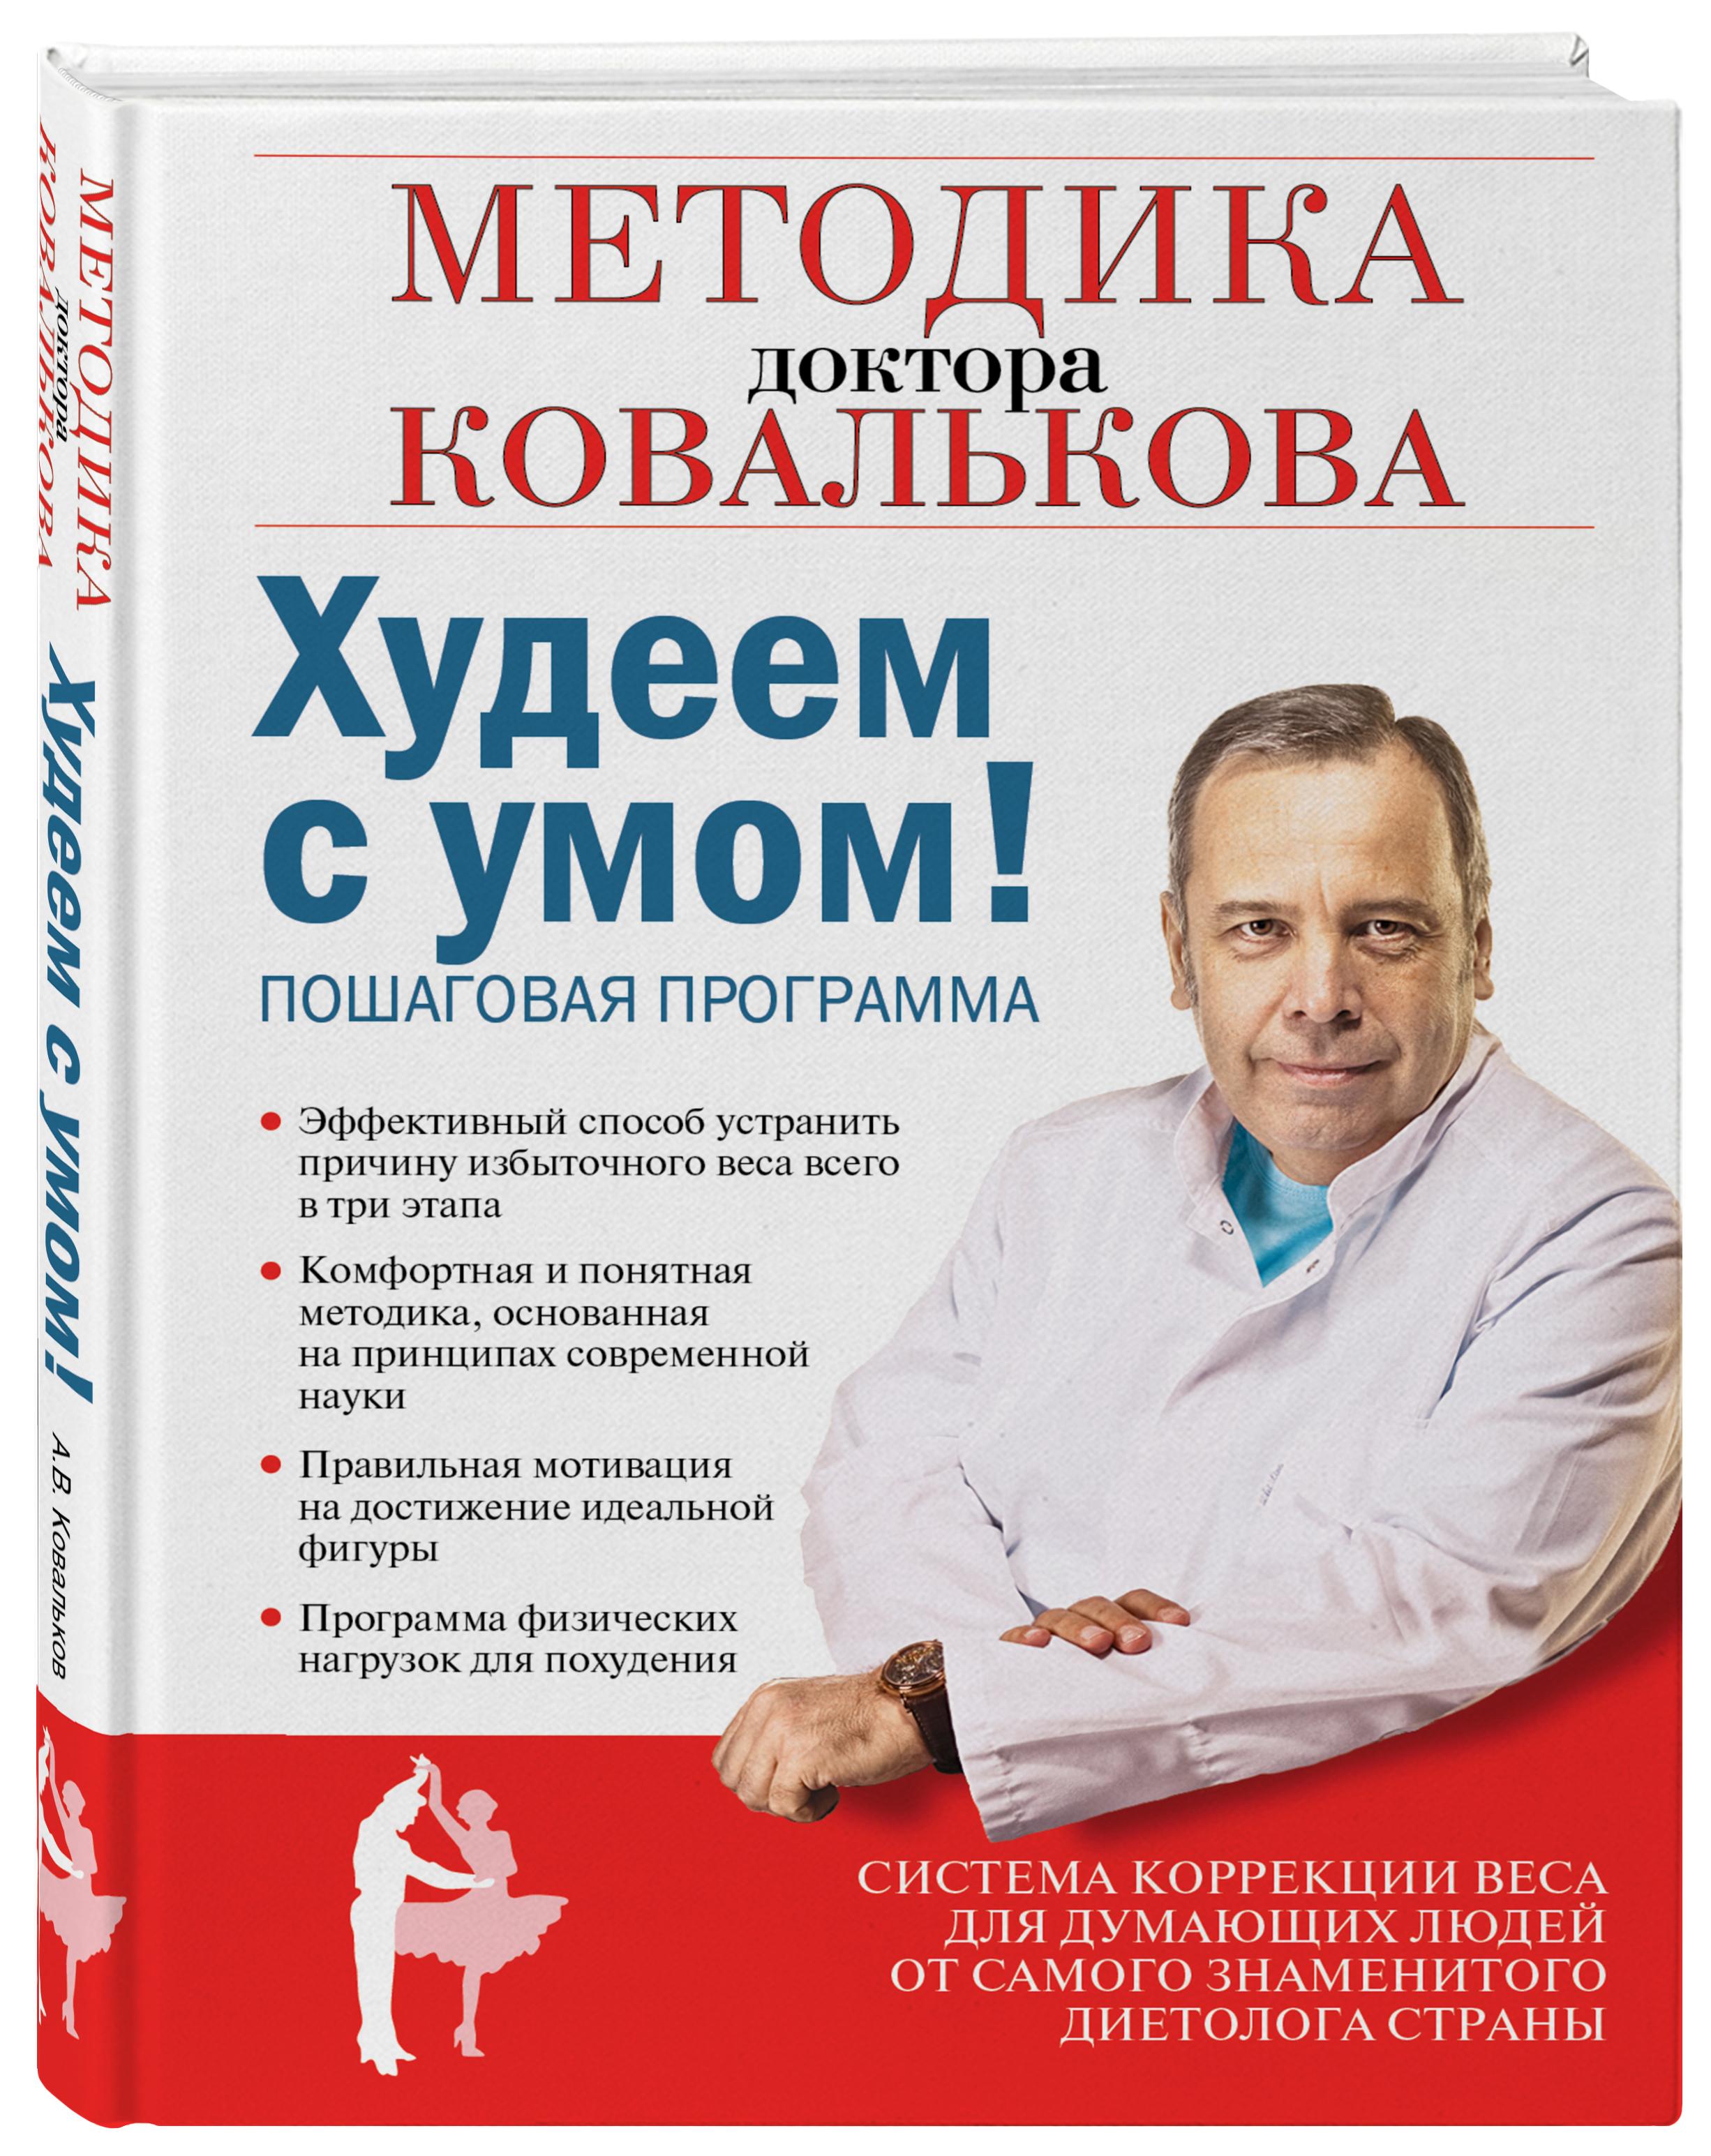 Похудеть С Врачом Москва.